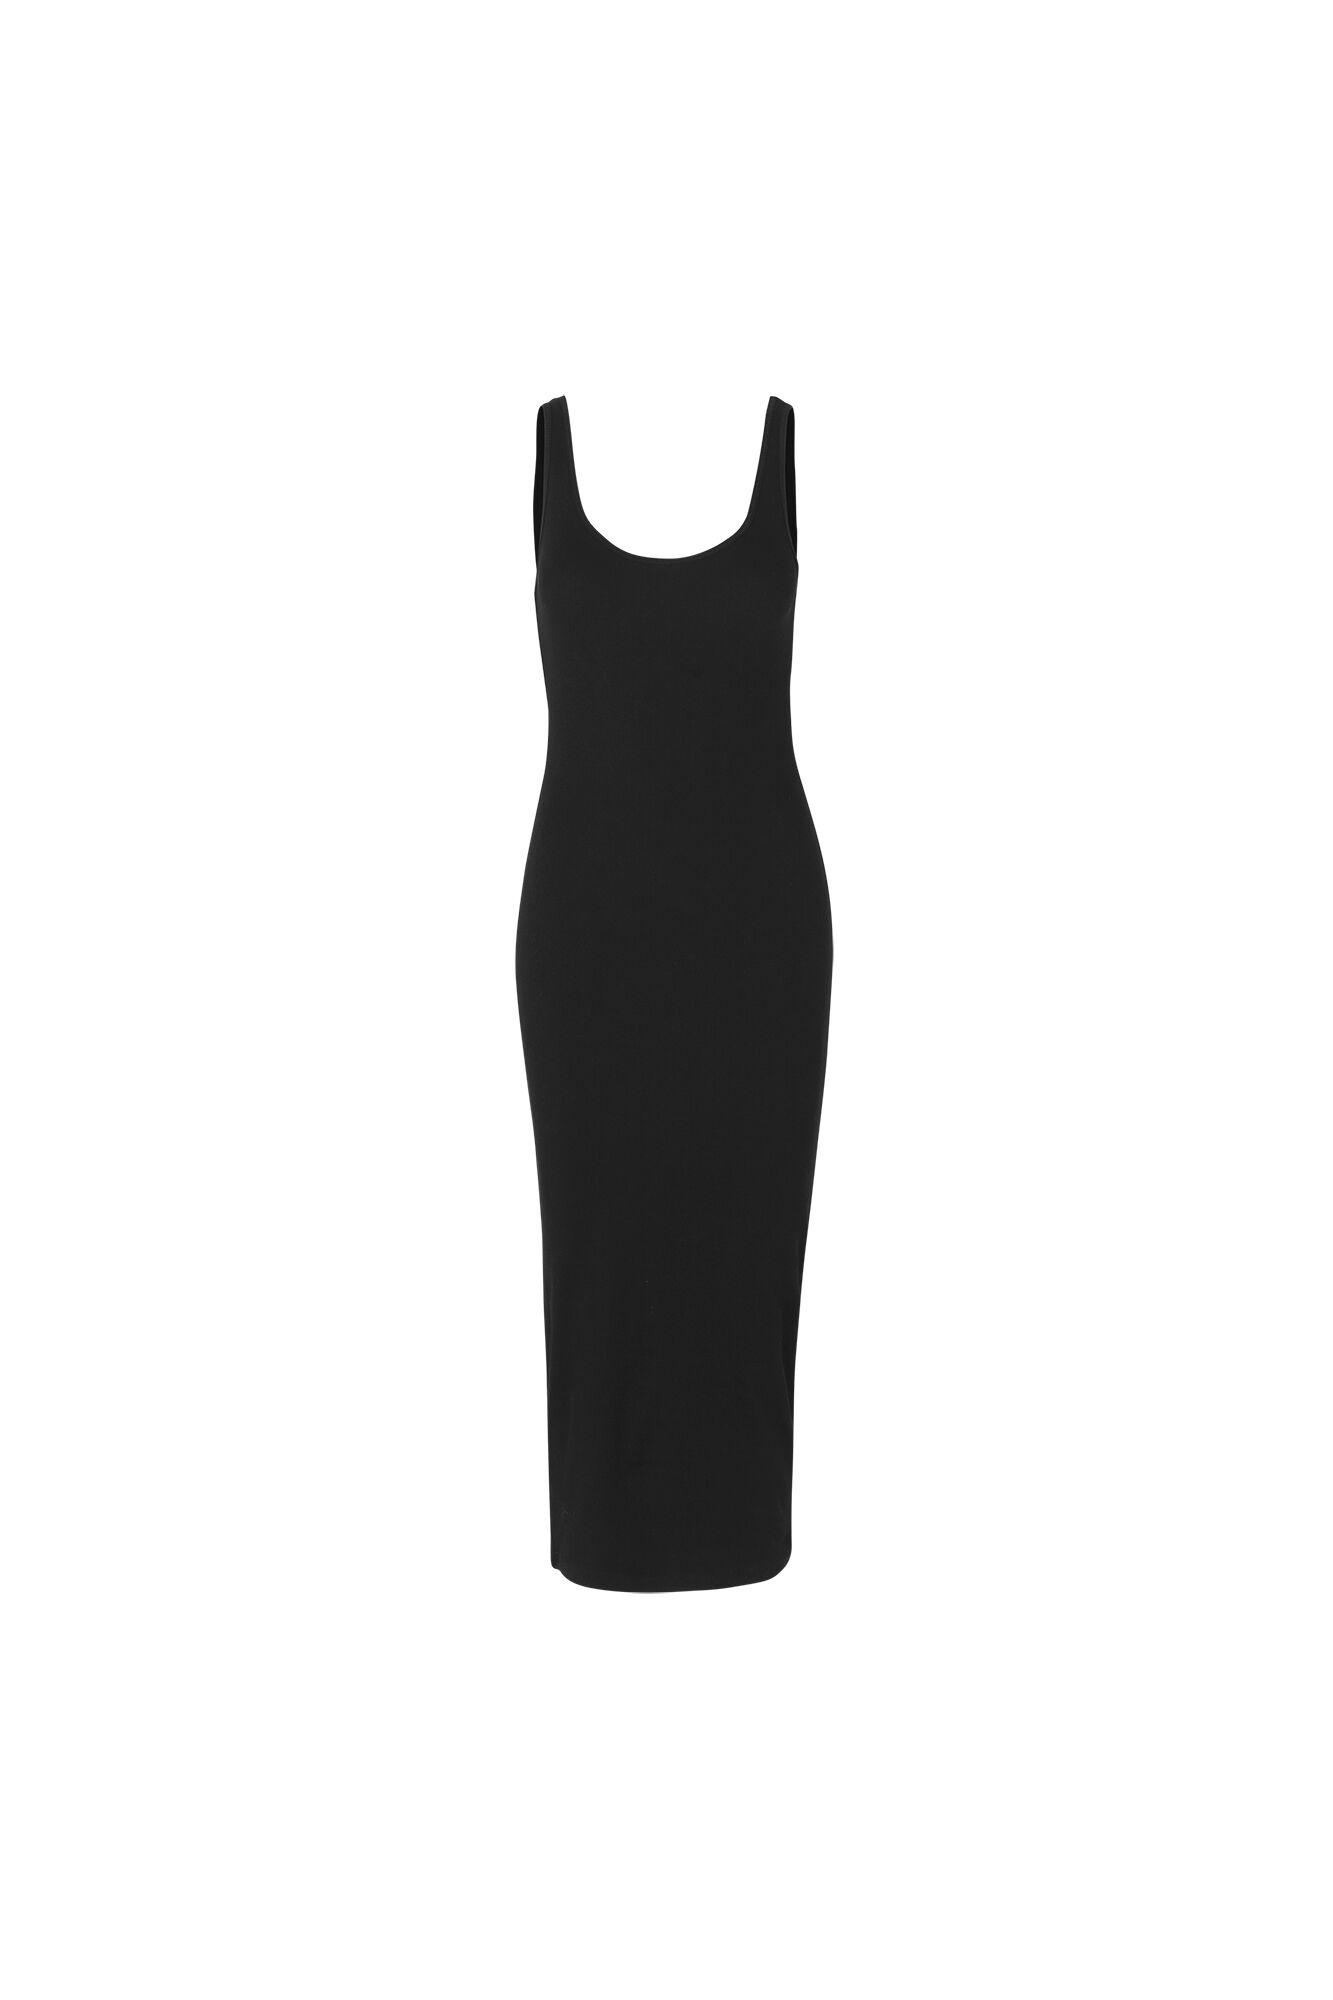 ENOCEAN SL DRESS 5892